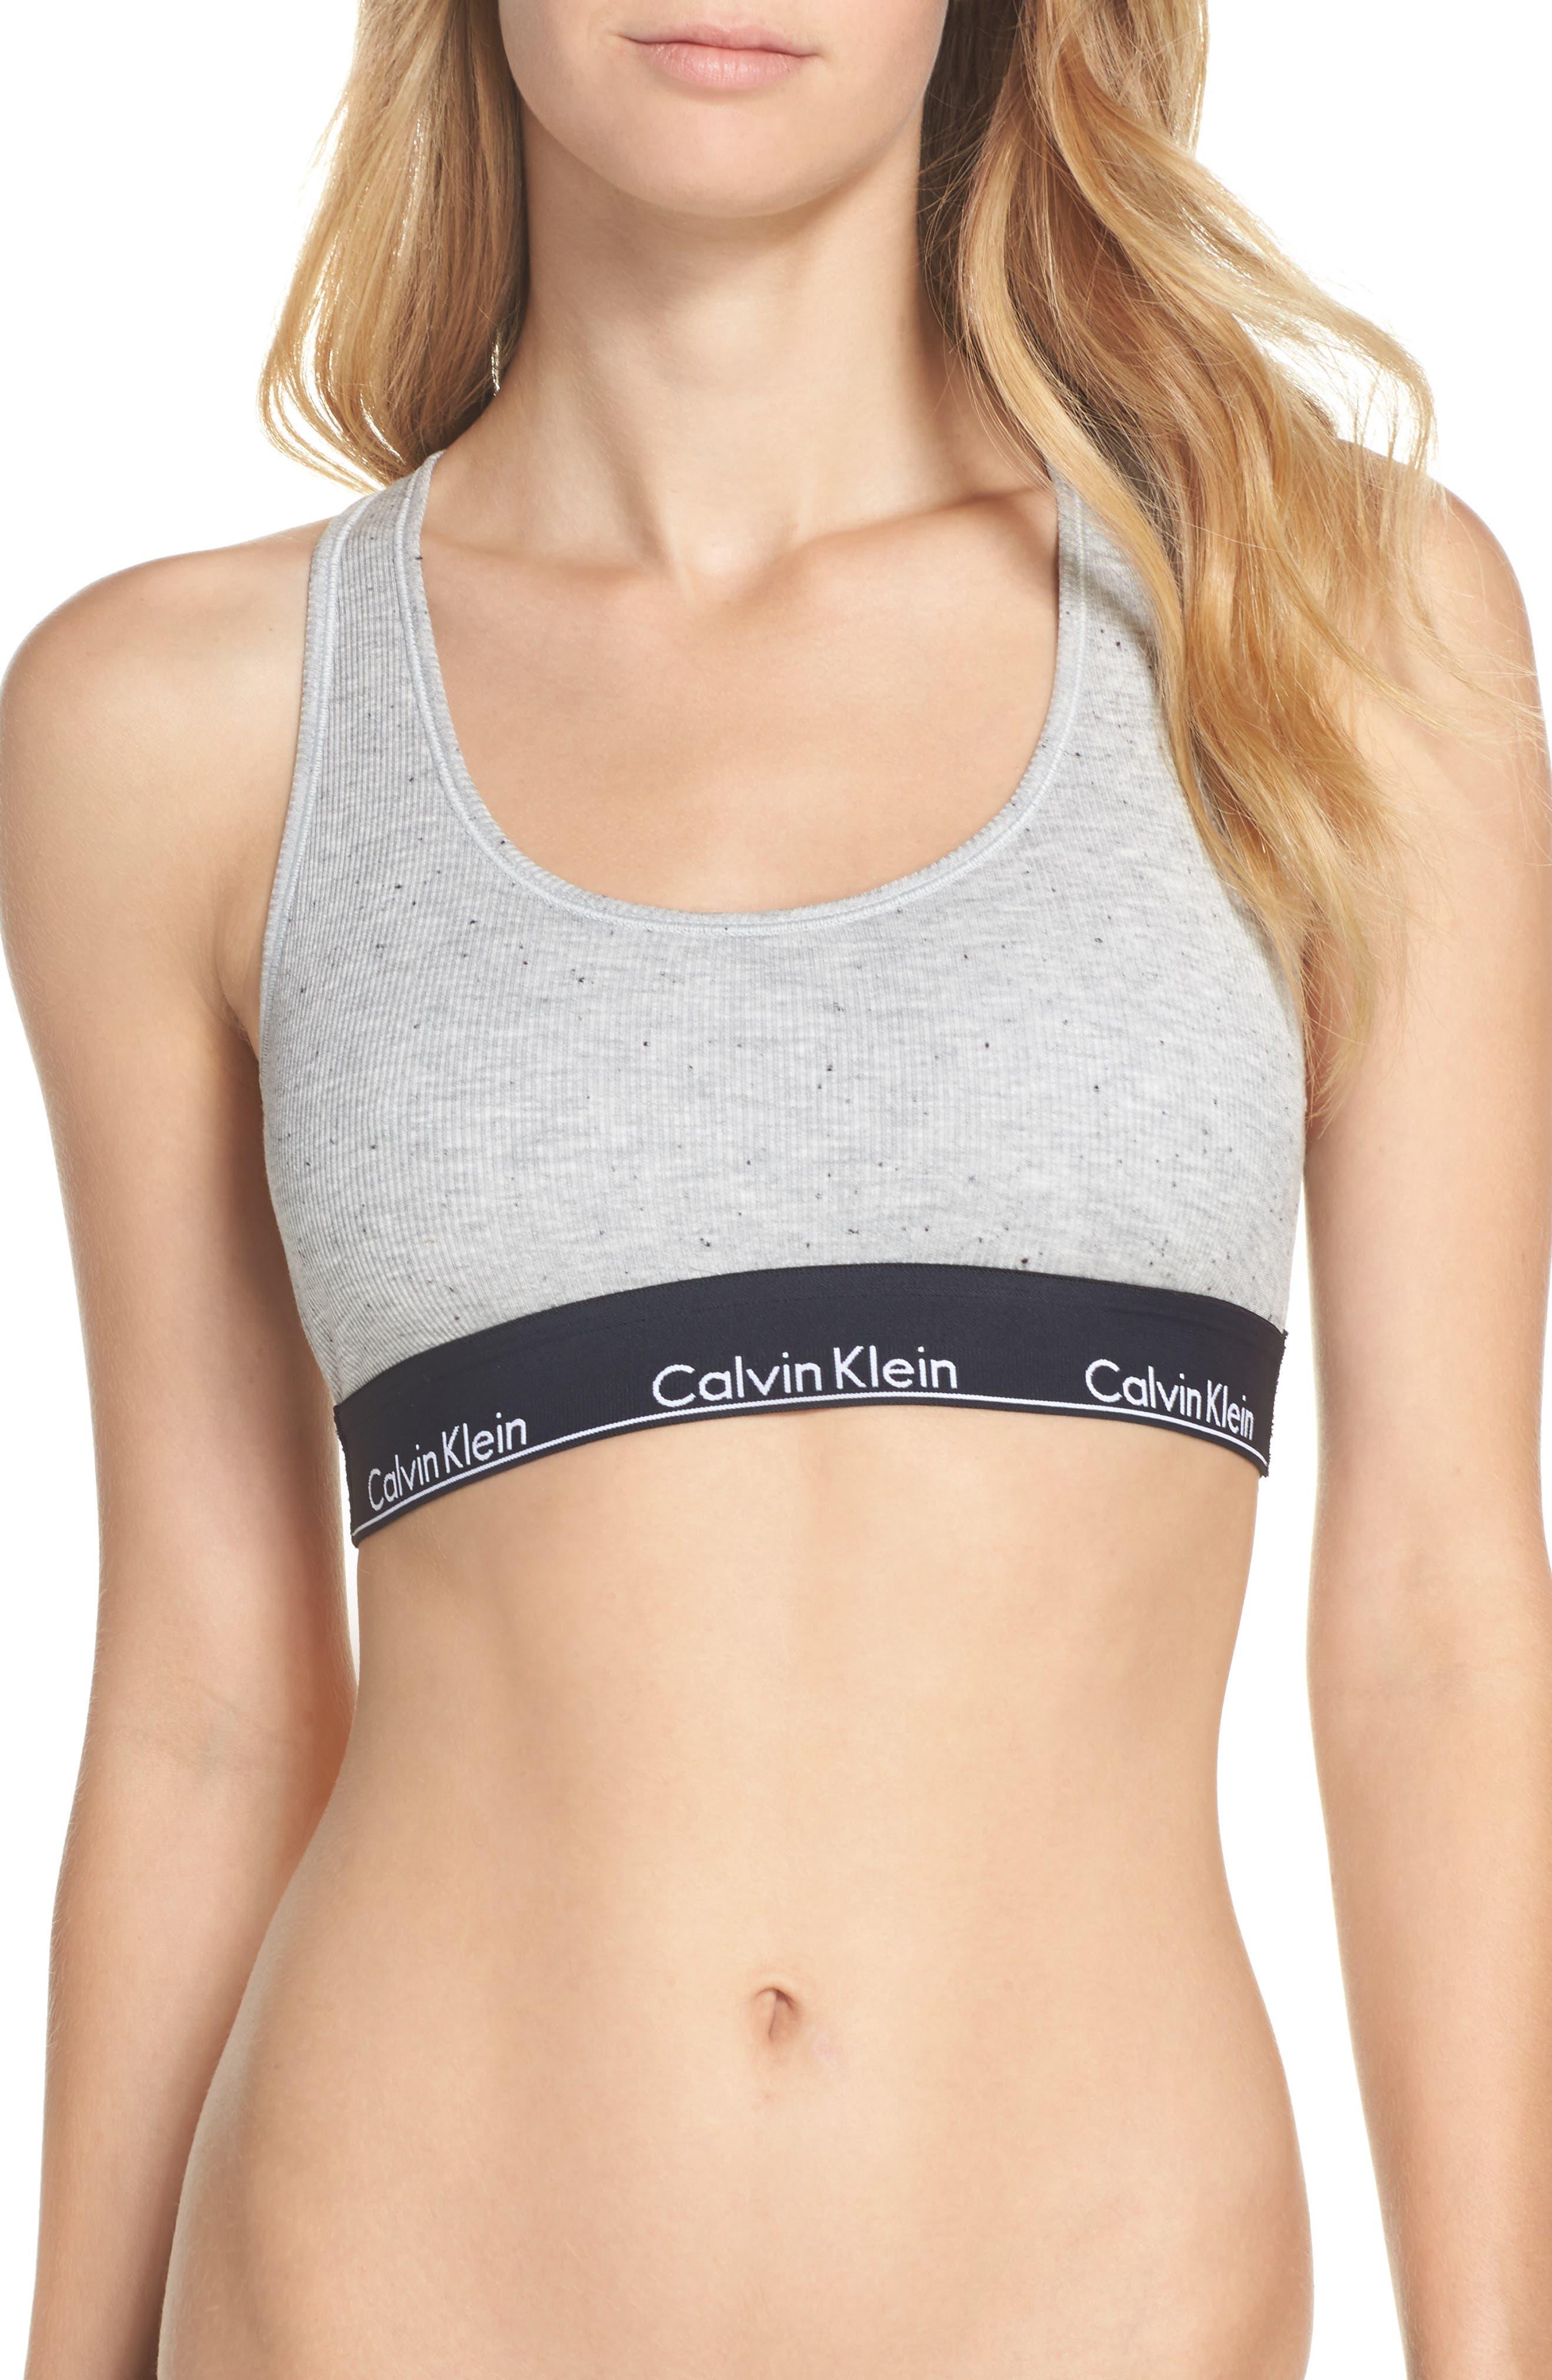 Alternate Image 1 Selected - Calvin Klein Modern Racerback Bralette